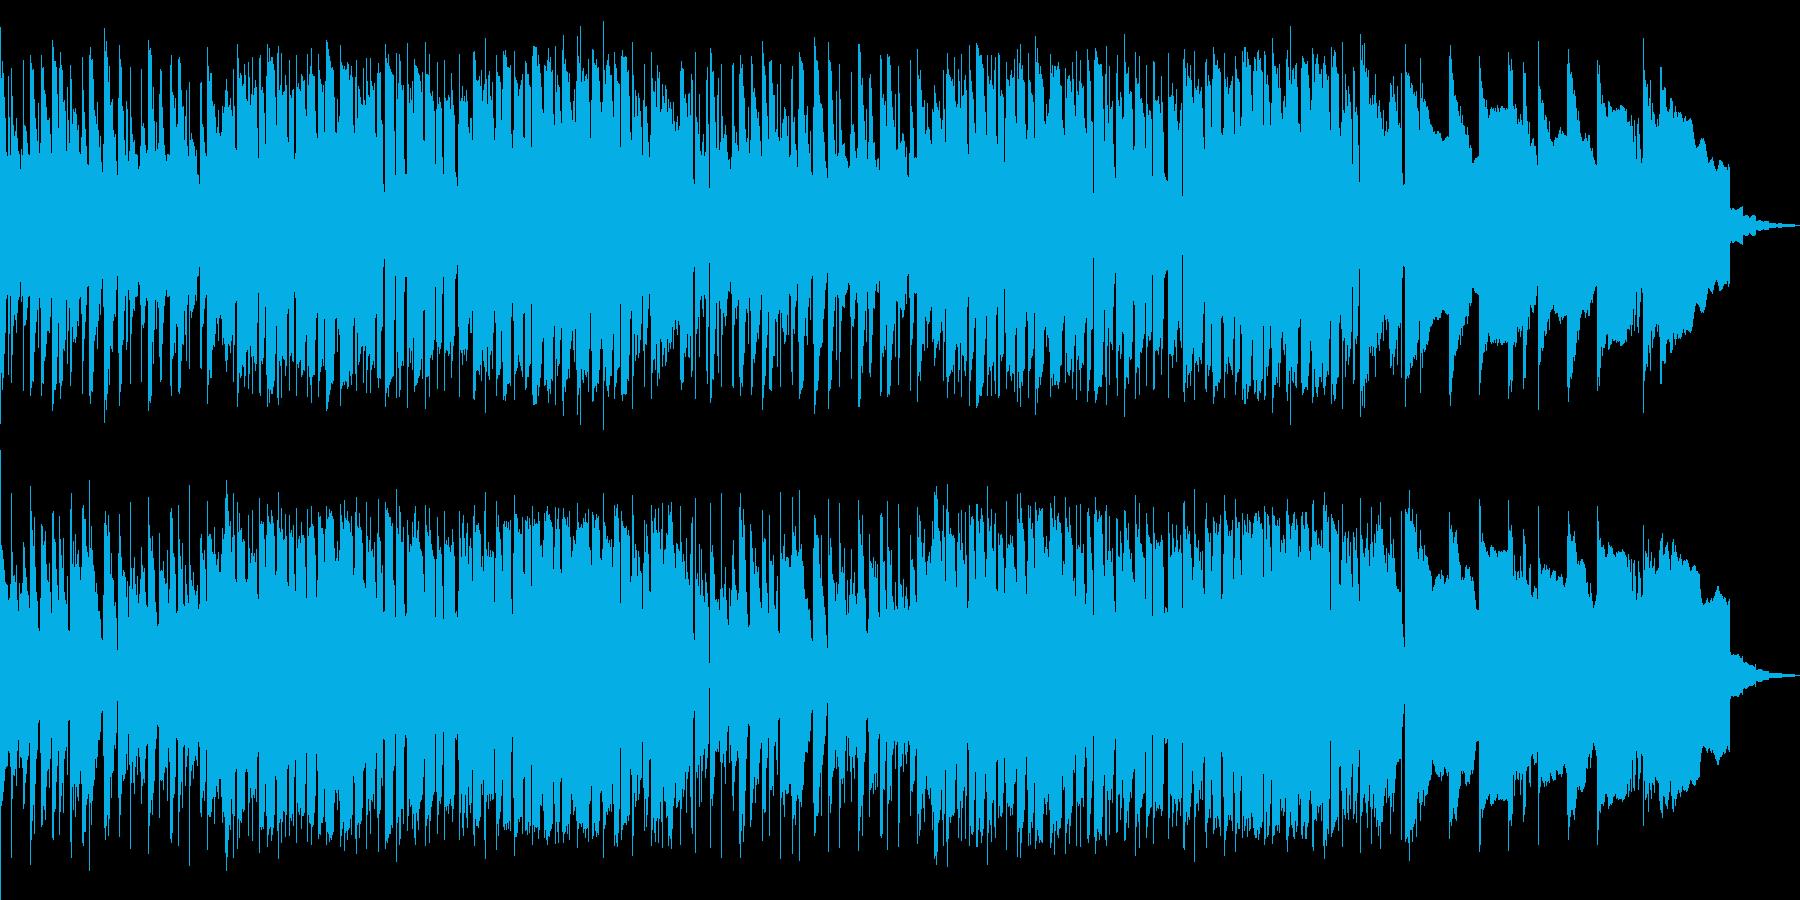 動画の一場面に最適な心地良いBGMの再生済みの波形